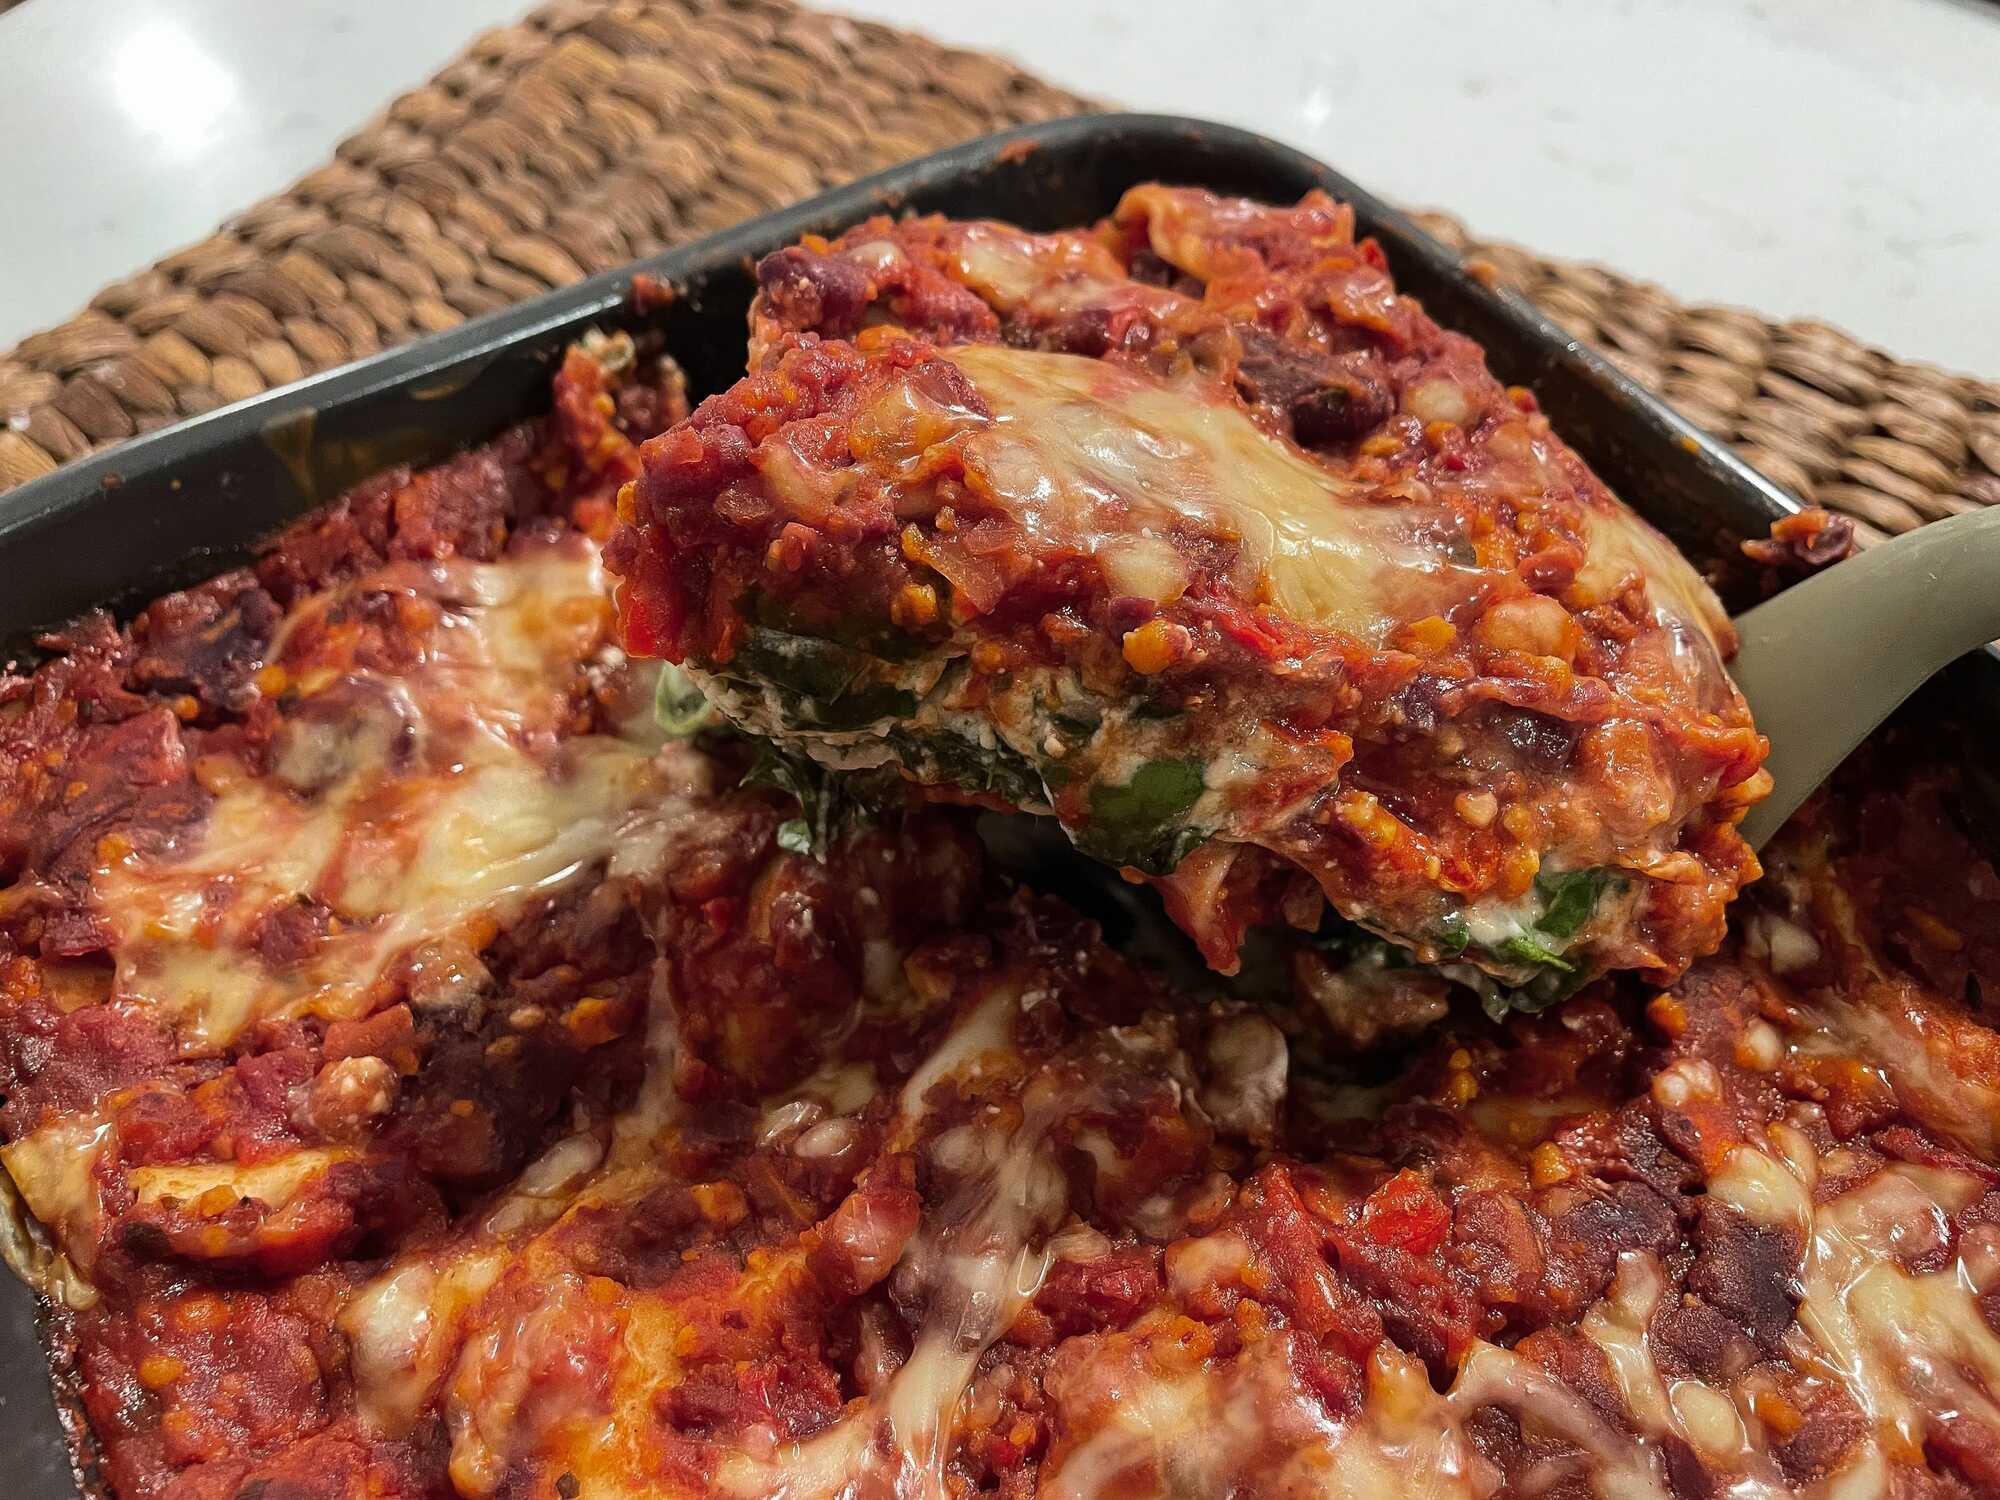 Les lasagnes végétariennes goûteuses et généreuses sont présentées dans un plat à gratin de couleur noir.